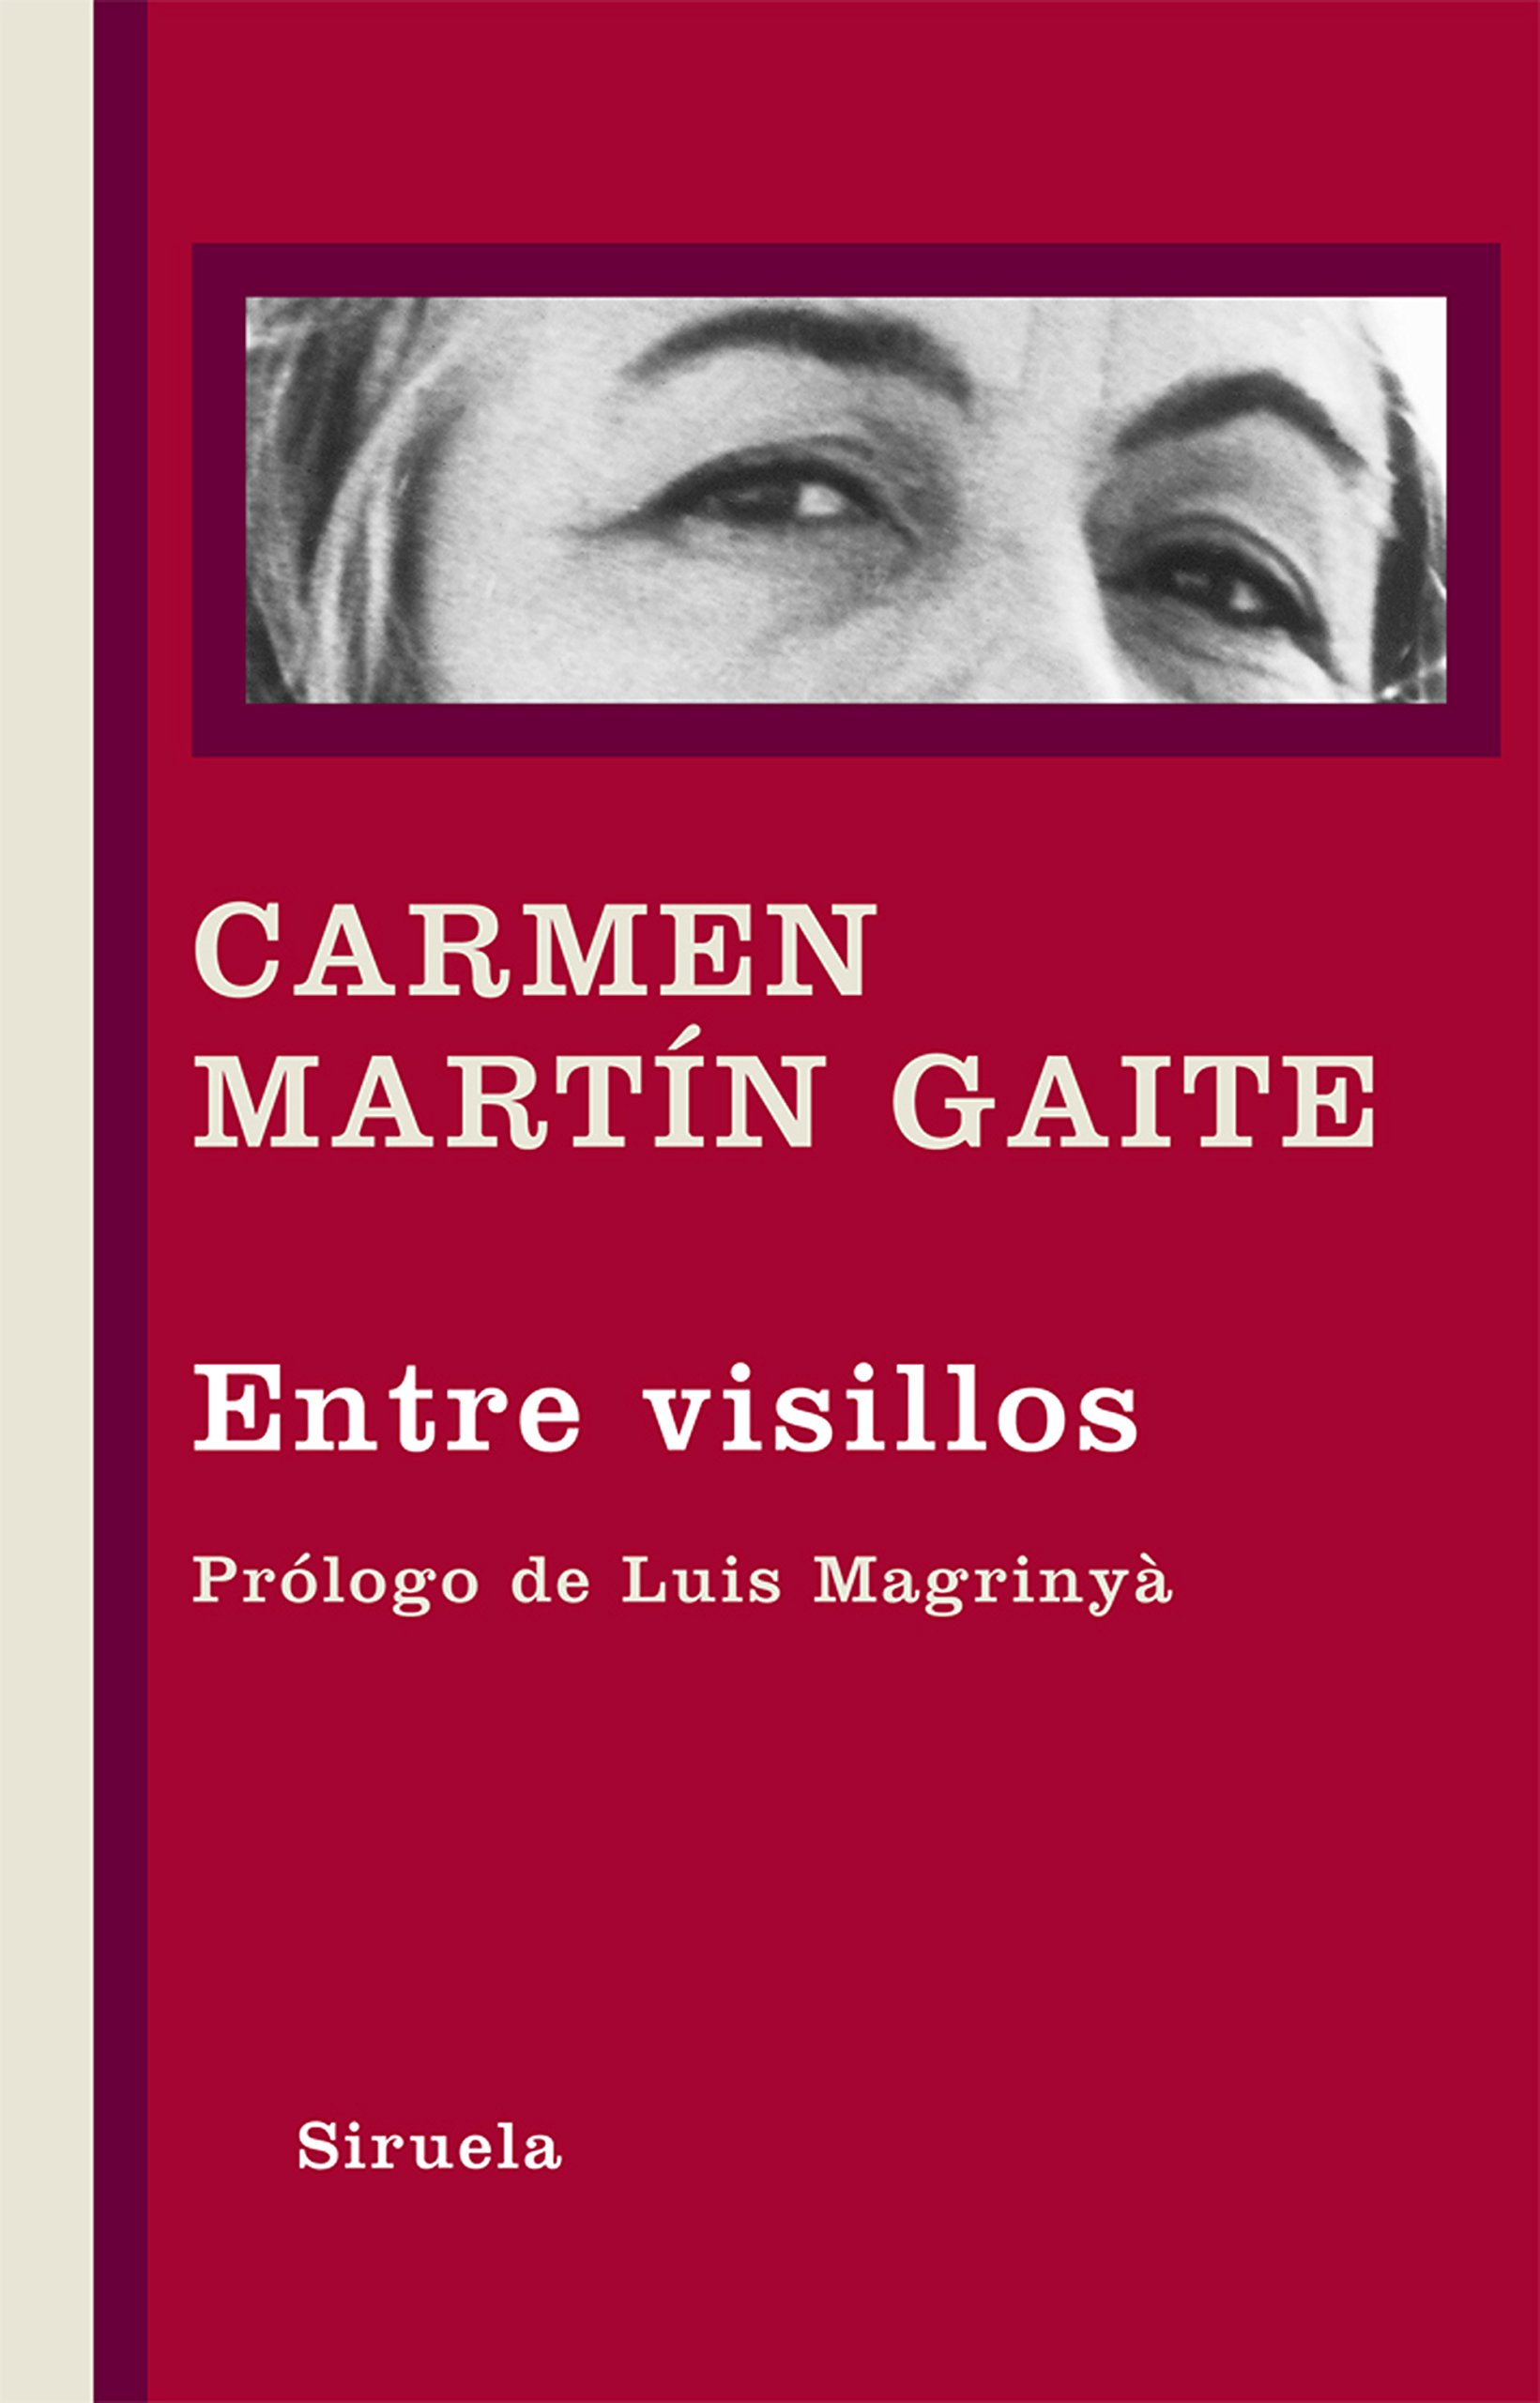 Entre visillos: 310 (Libros del Tiempo): Amazon.es: Martín Gaite, Carmen, Magrinyà, Luis: Libros